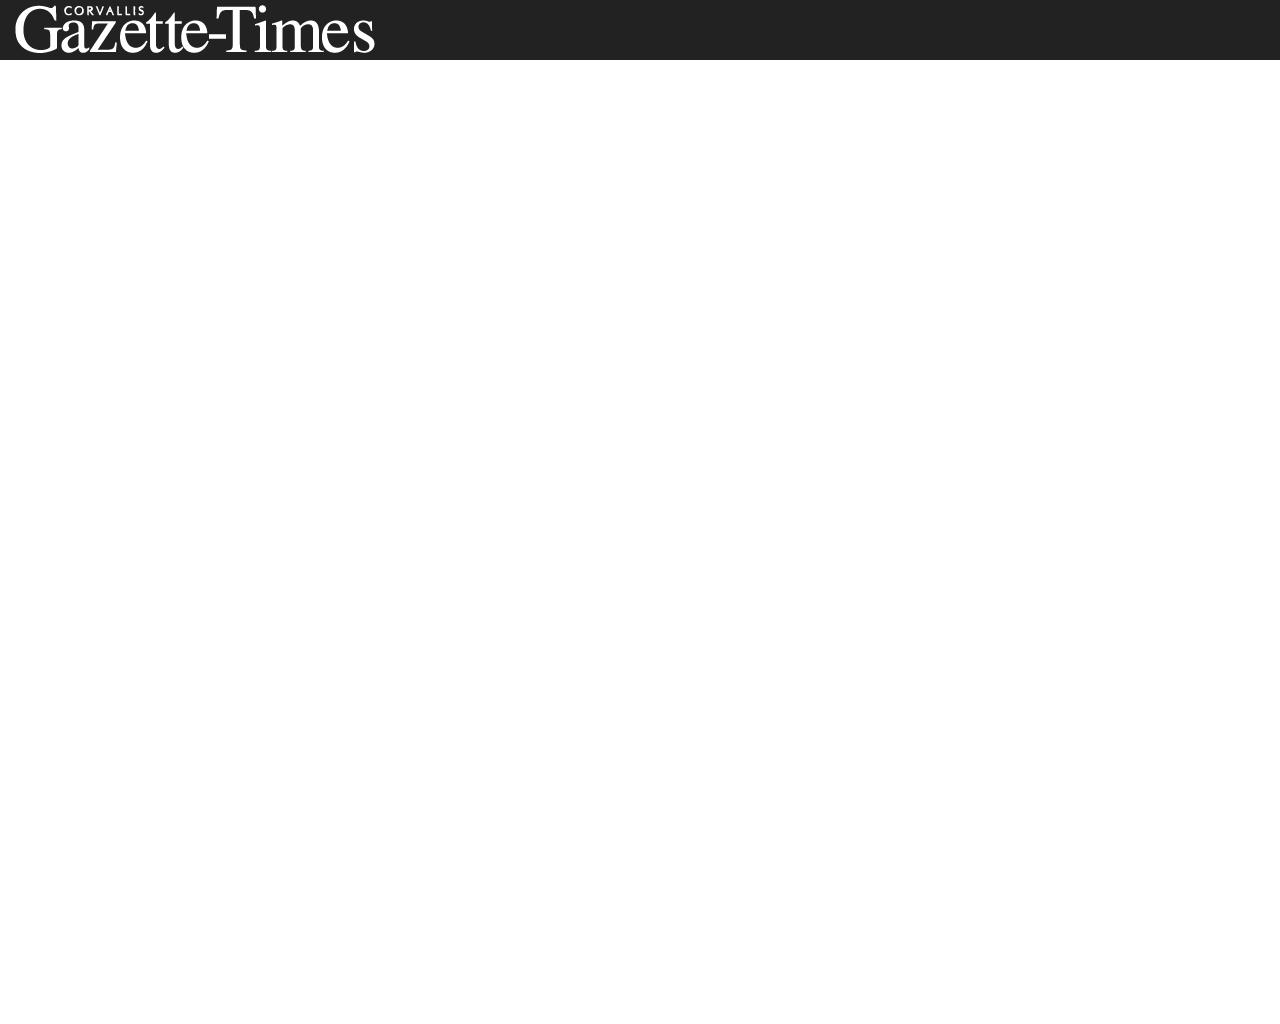 Corvallis-Gazette-Times-Advertising-Reviews-Pricing